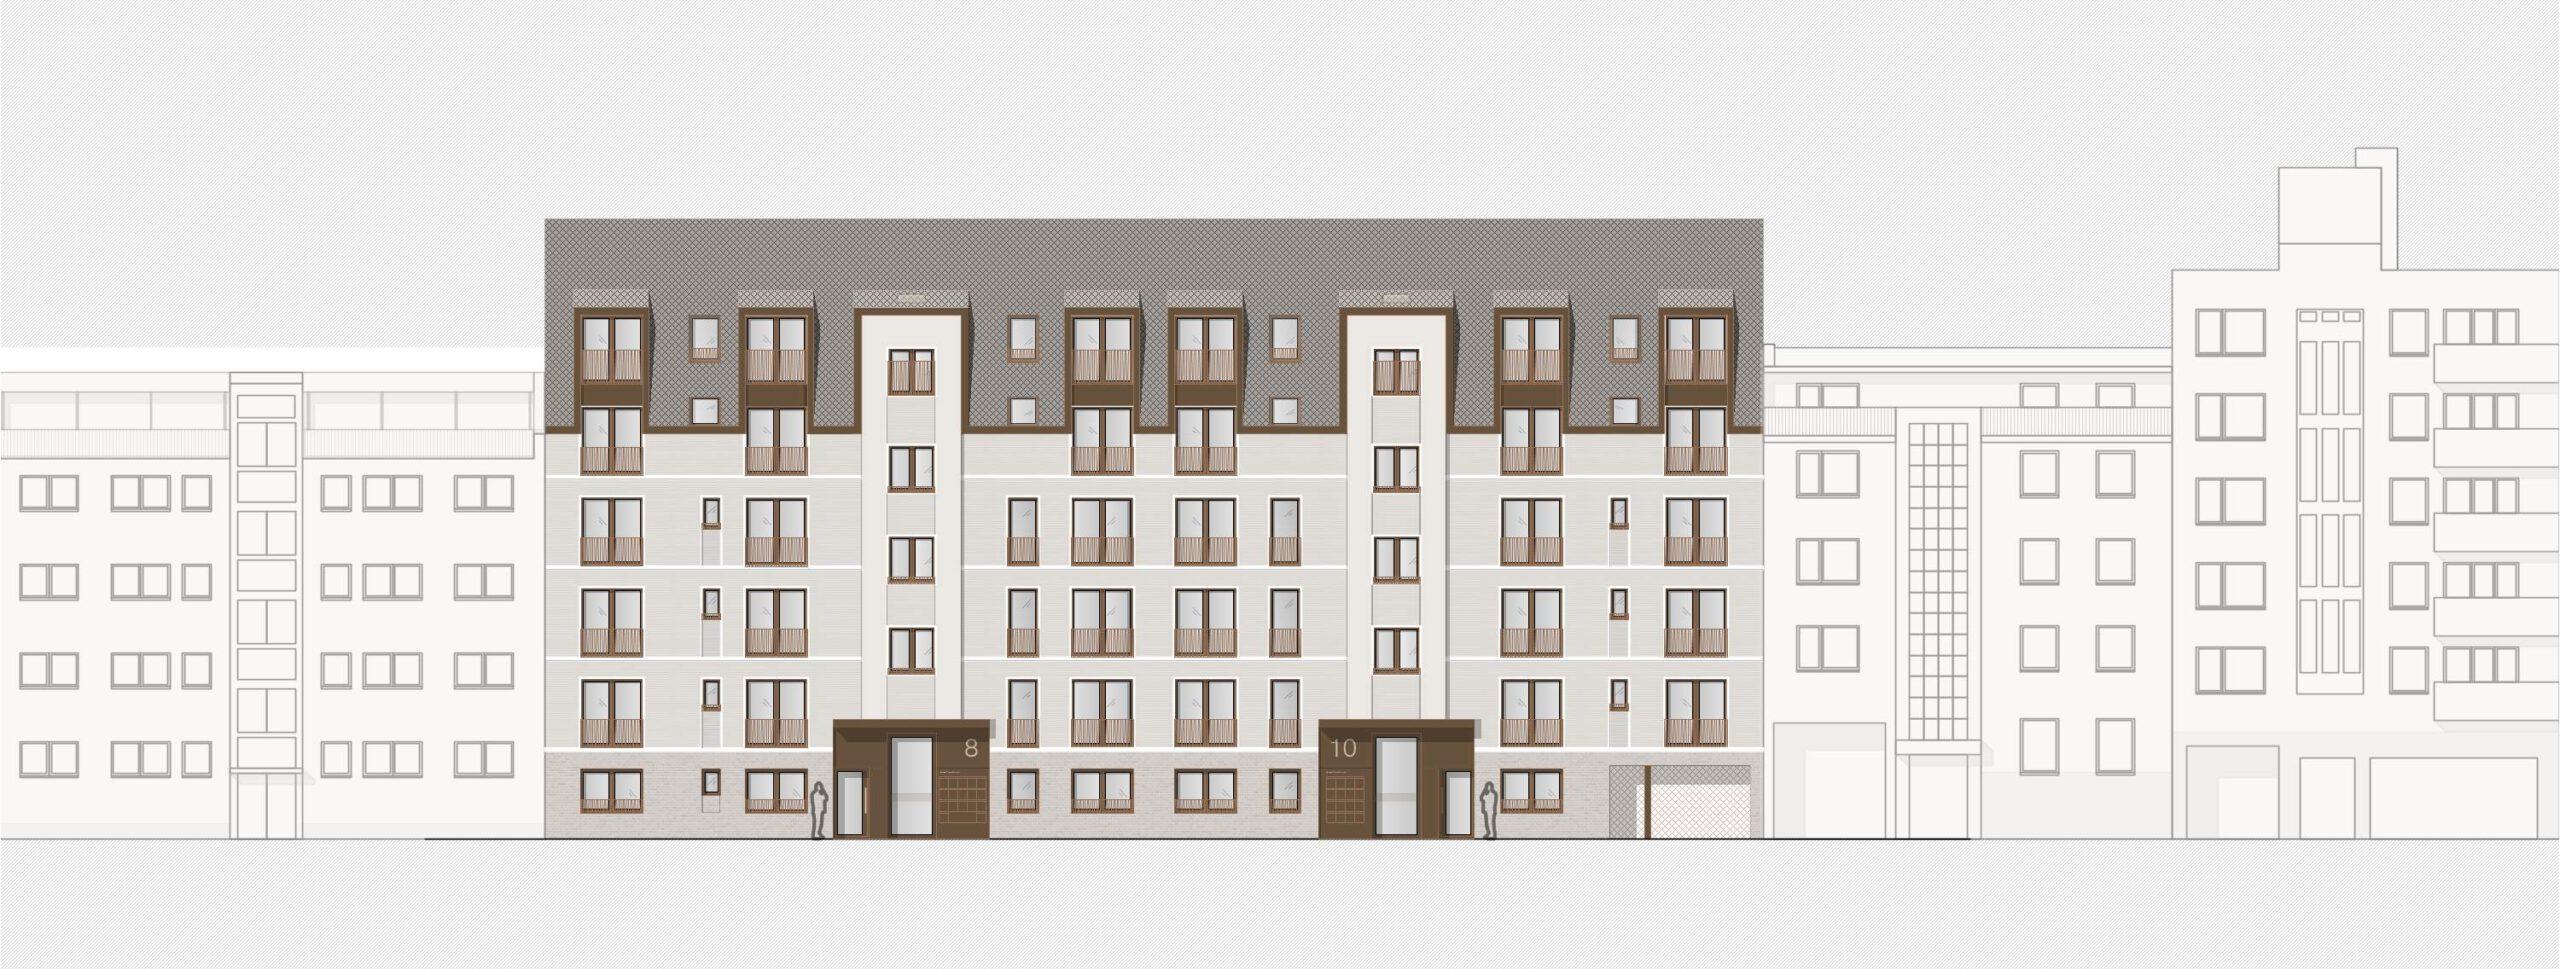 Ansicht Haus 1 359 Projekt Gabelsberger Straße Offenbach FFM-ARCHITEKTEN